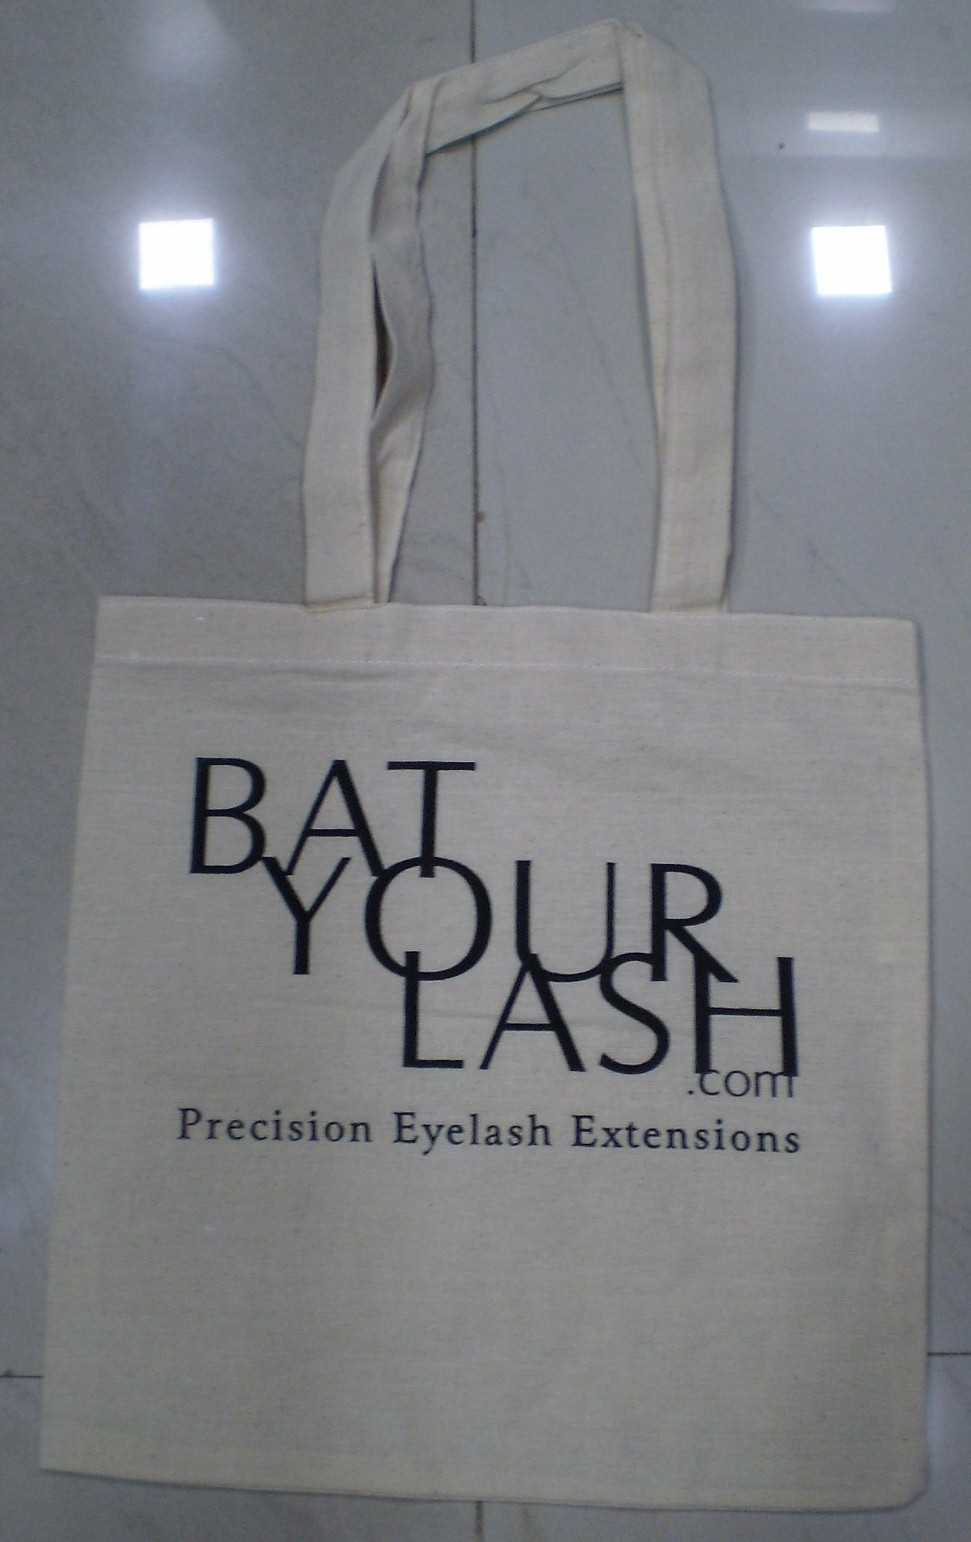 Bat Your Lash Image